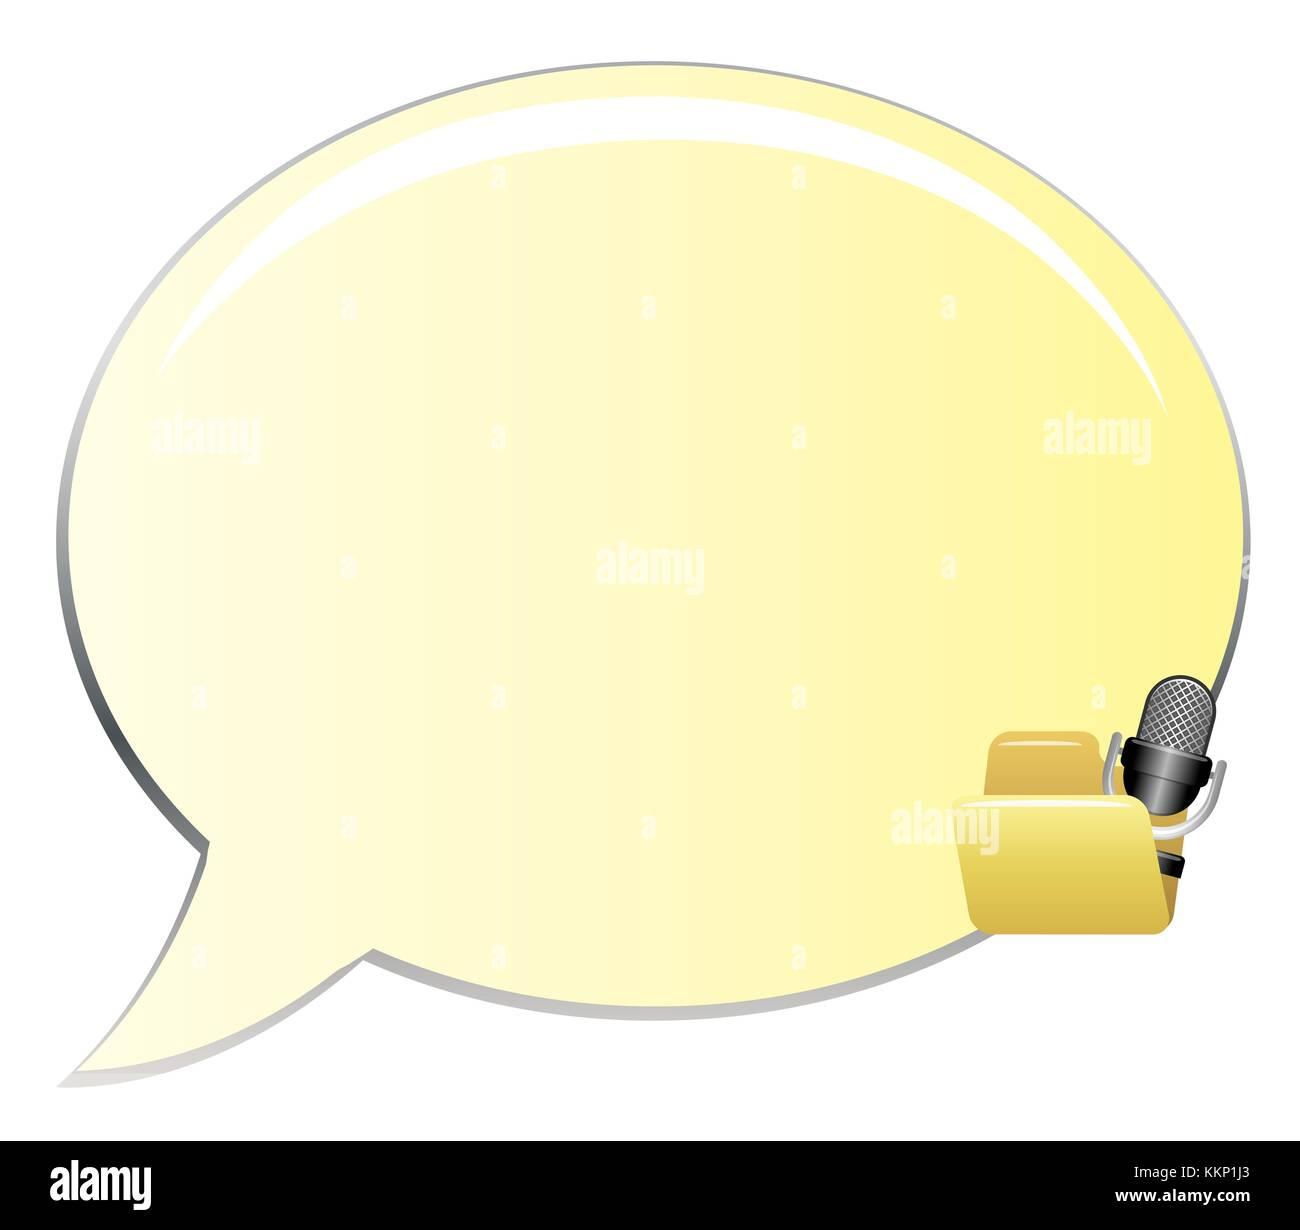 Clip art giallo fumetti Immagini Stock